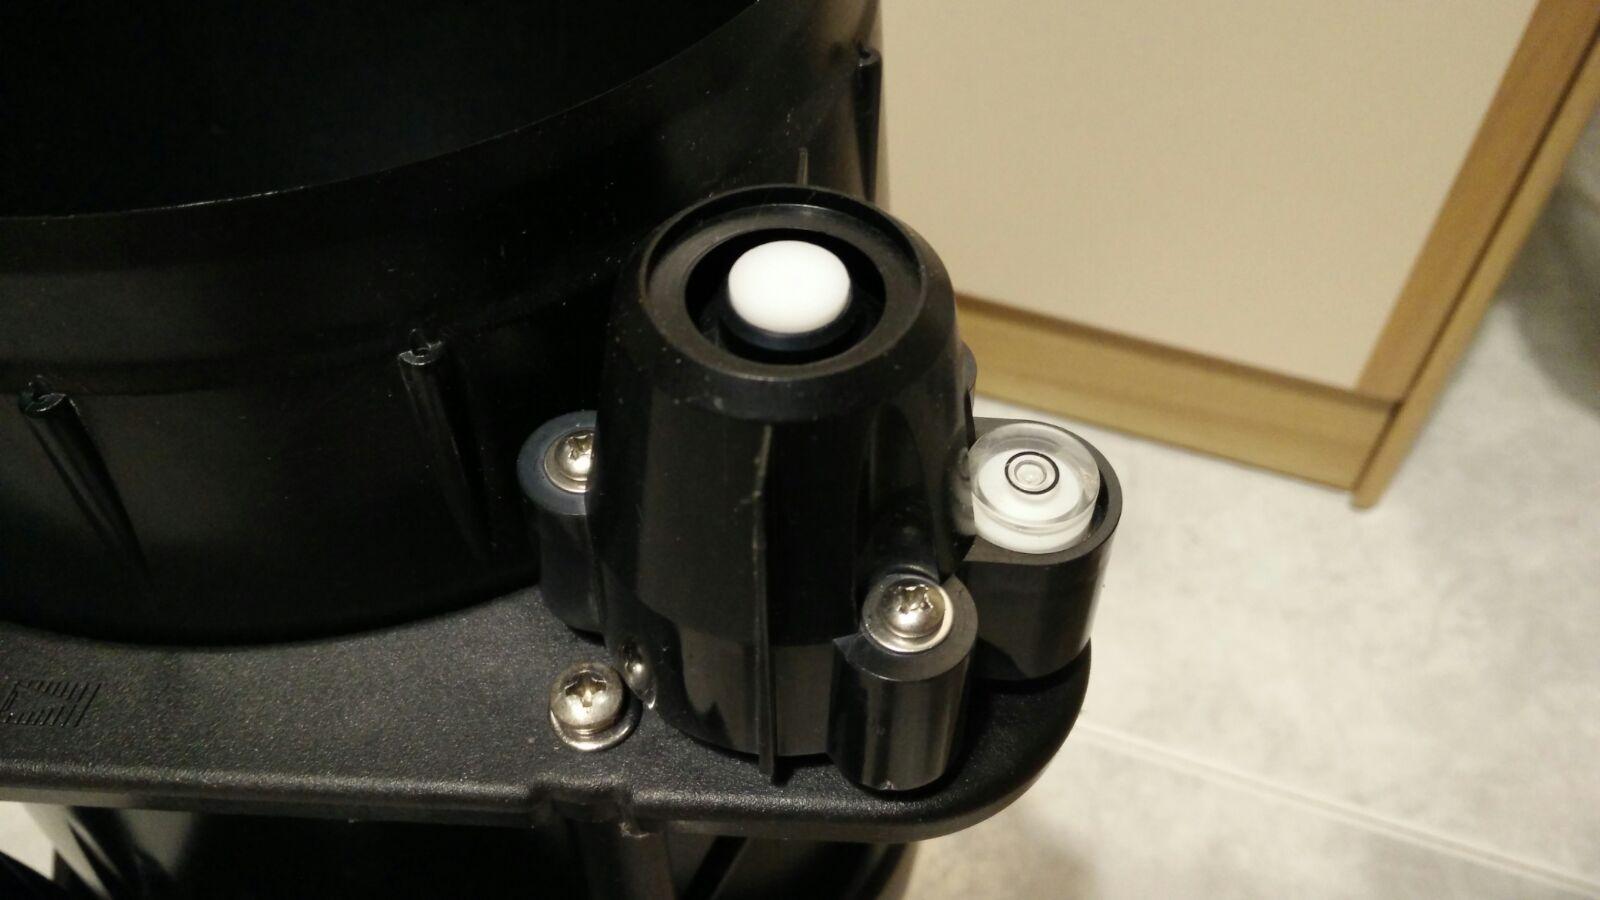 Affare !! Sensore uv e radiazione solare davis vantage pro2 plus-sensore2.jpg